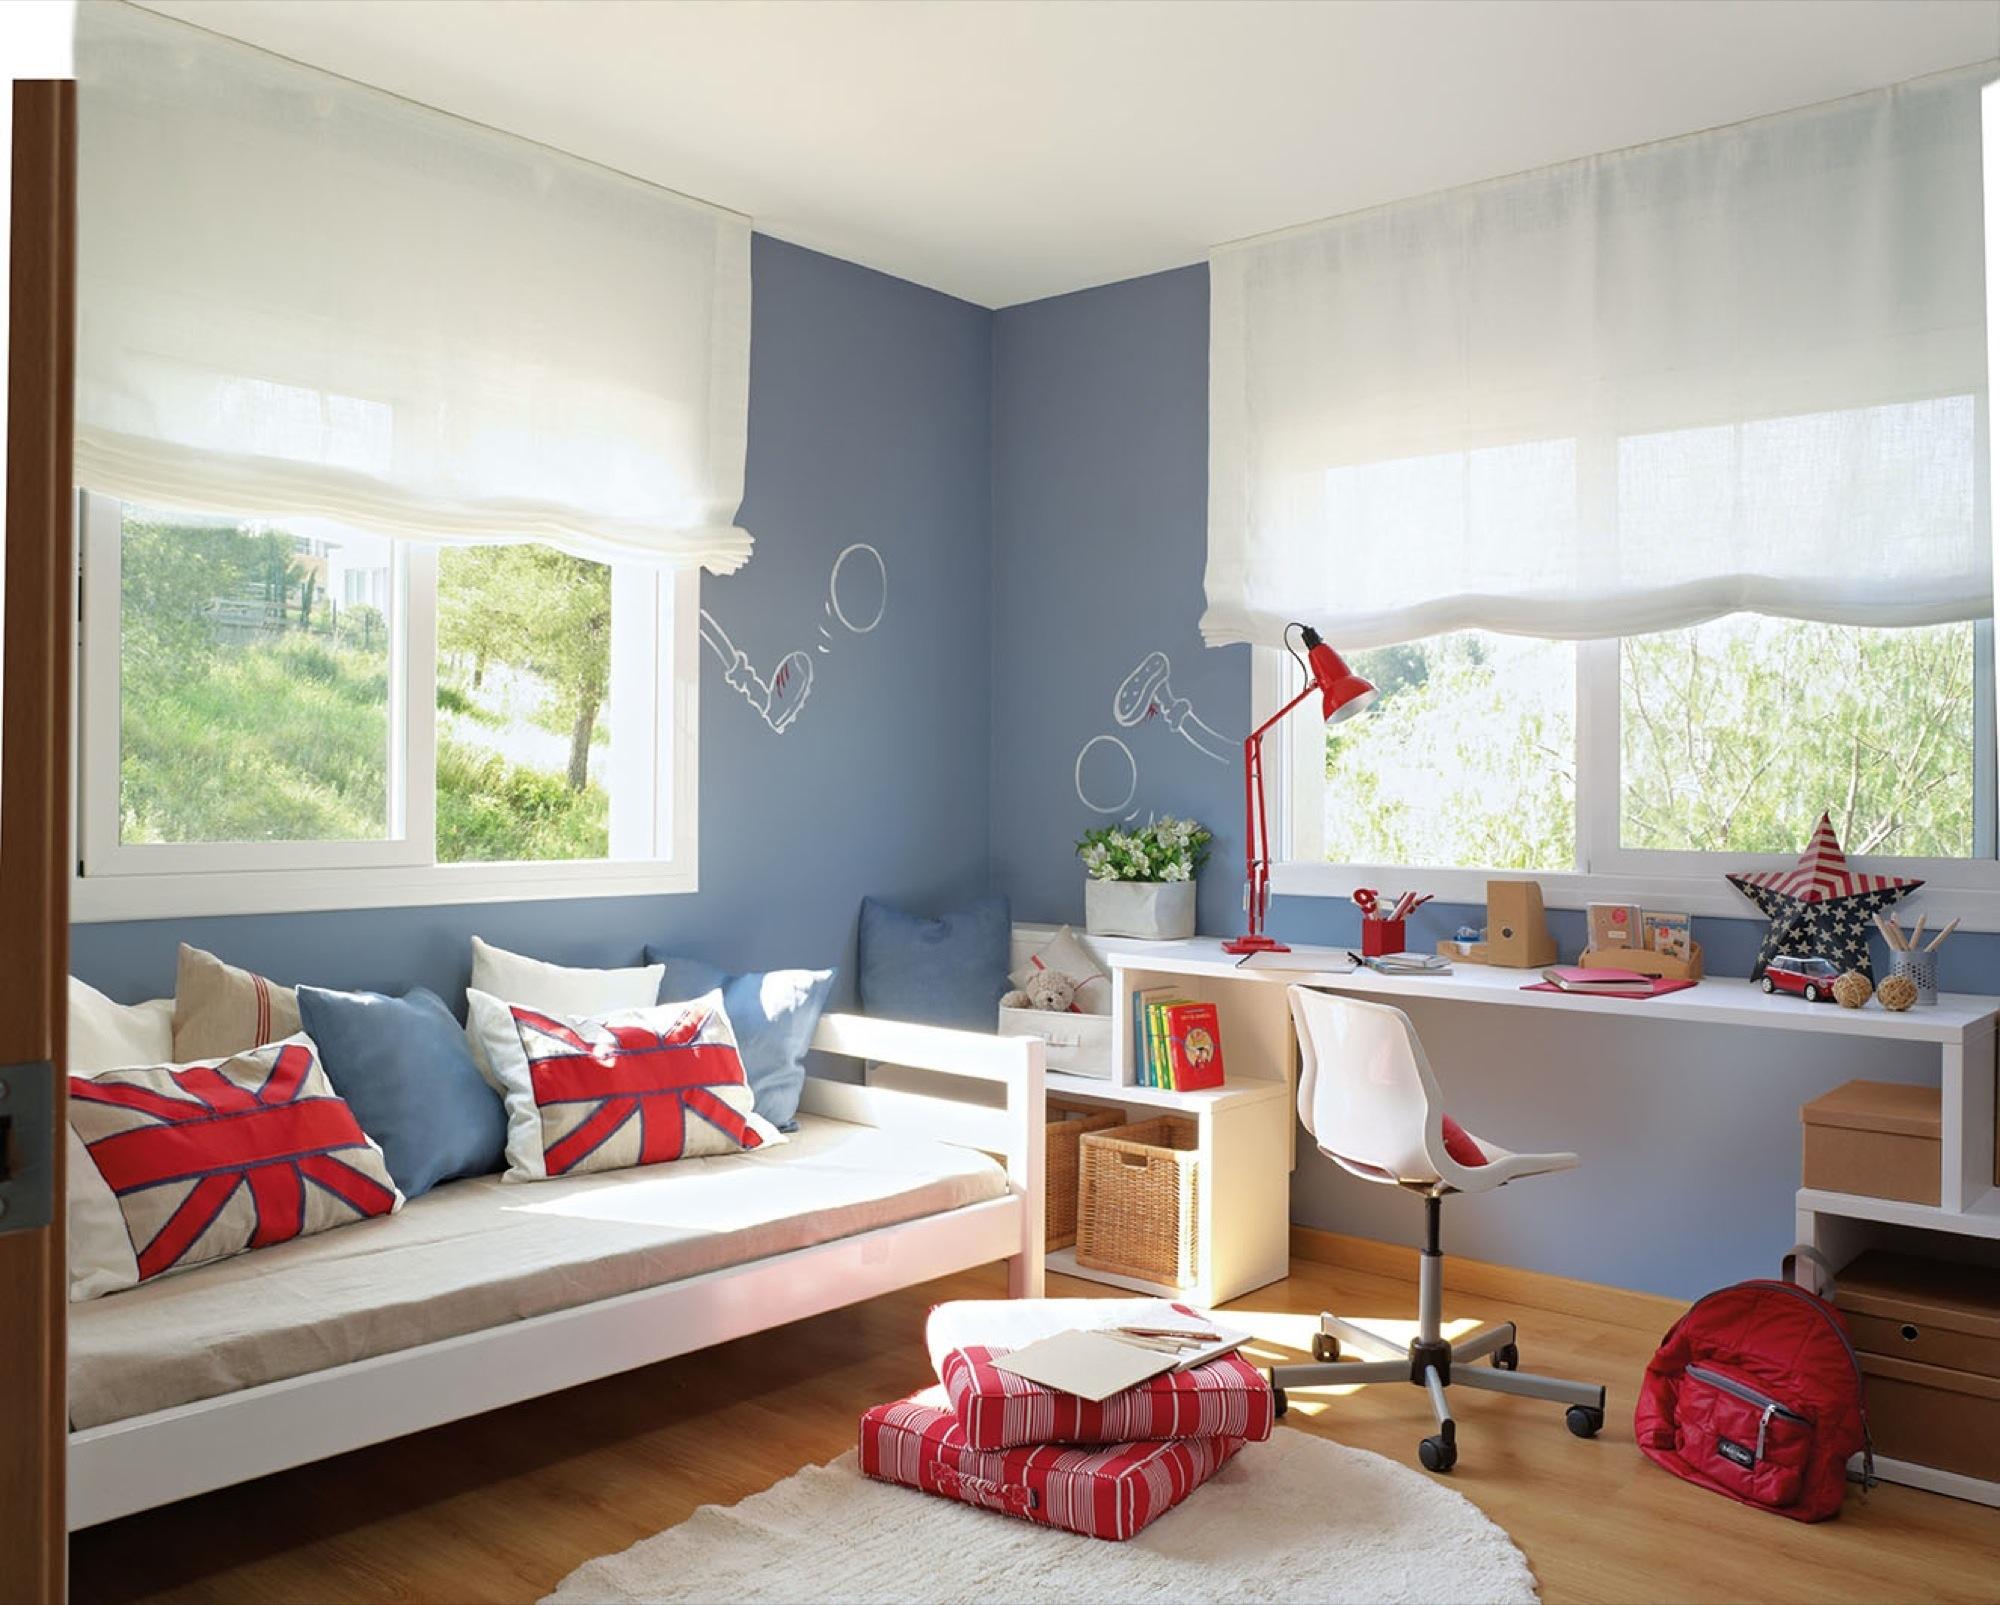 C mo pintar la casa sin ayuda de un pintor profesional - Pintar la casa de colores ...